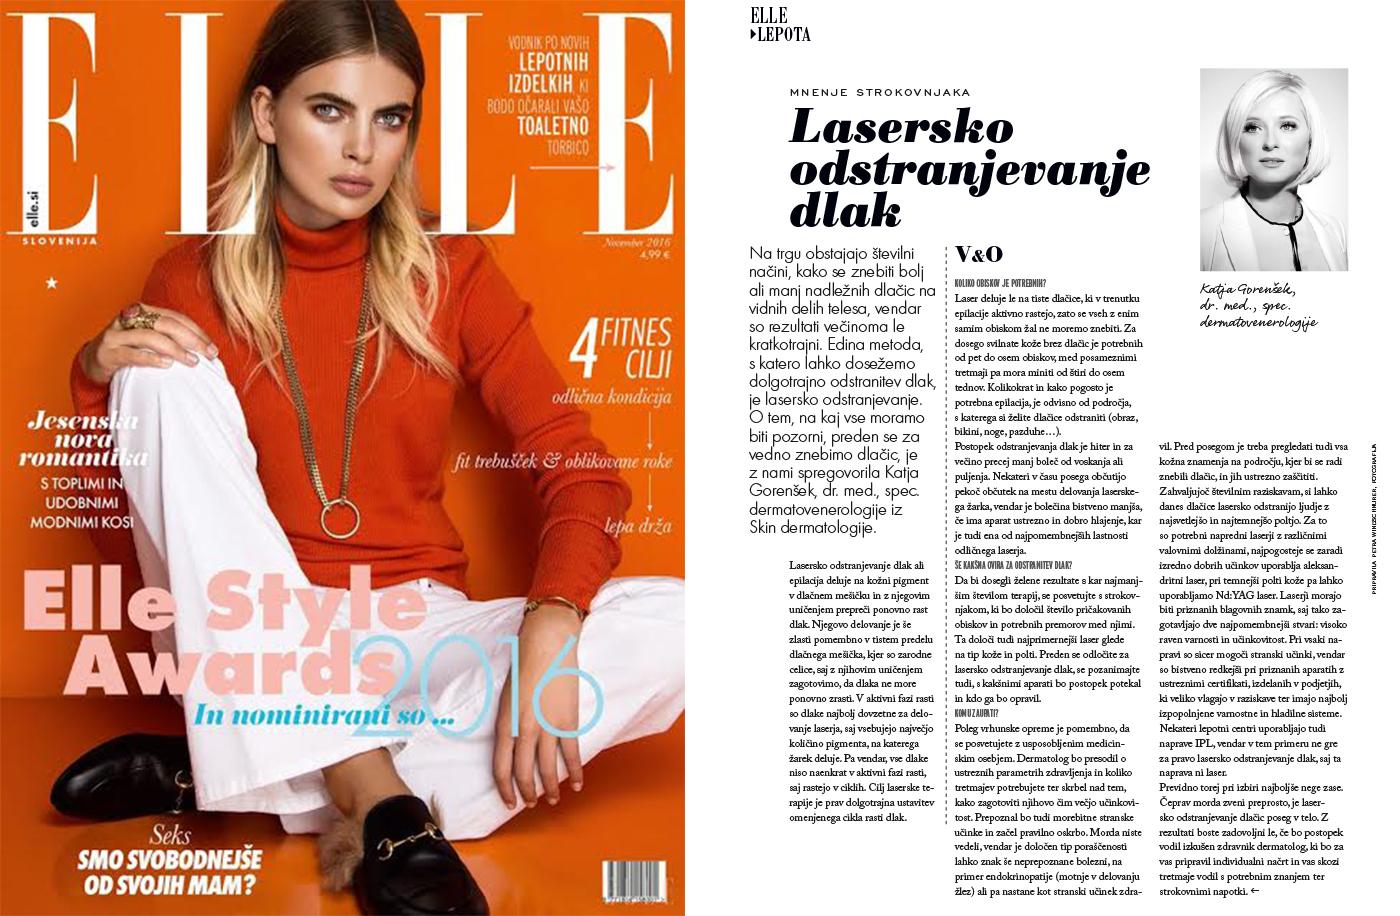 Intervju z dr. Katjo Gorenšek za revijo Elle